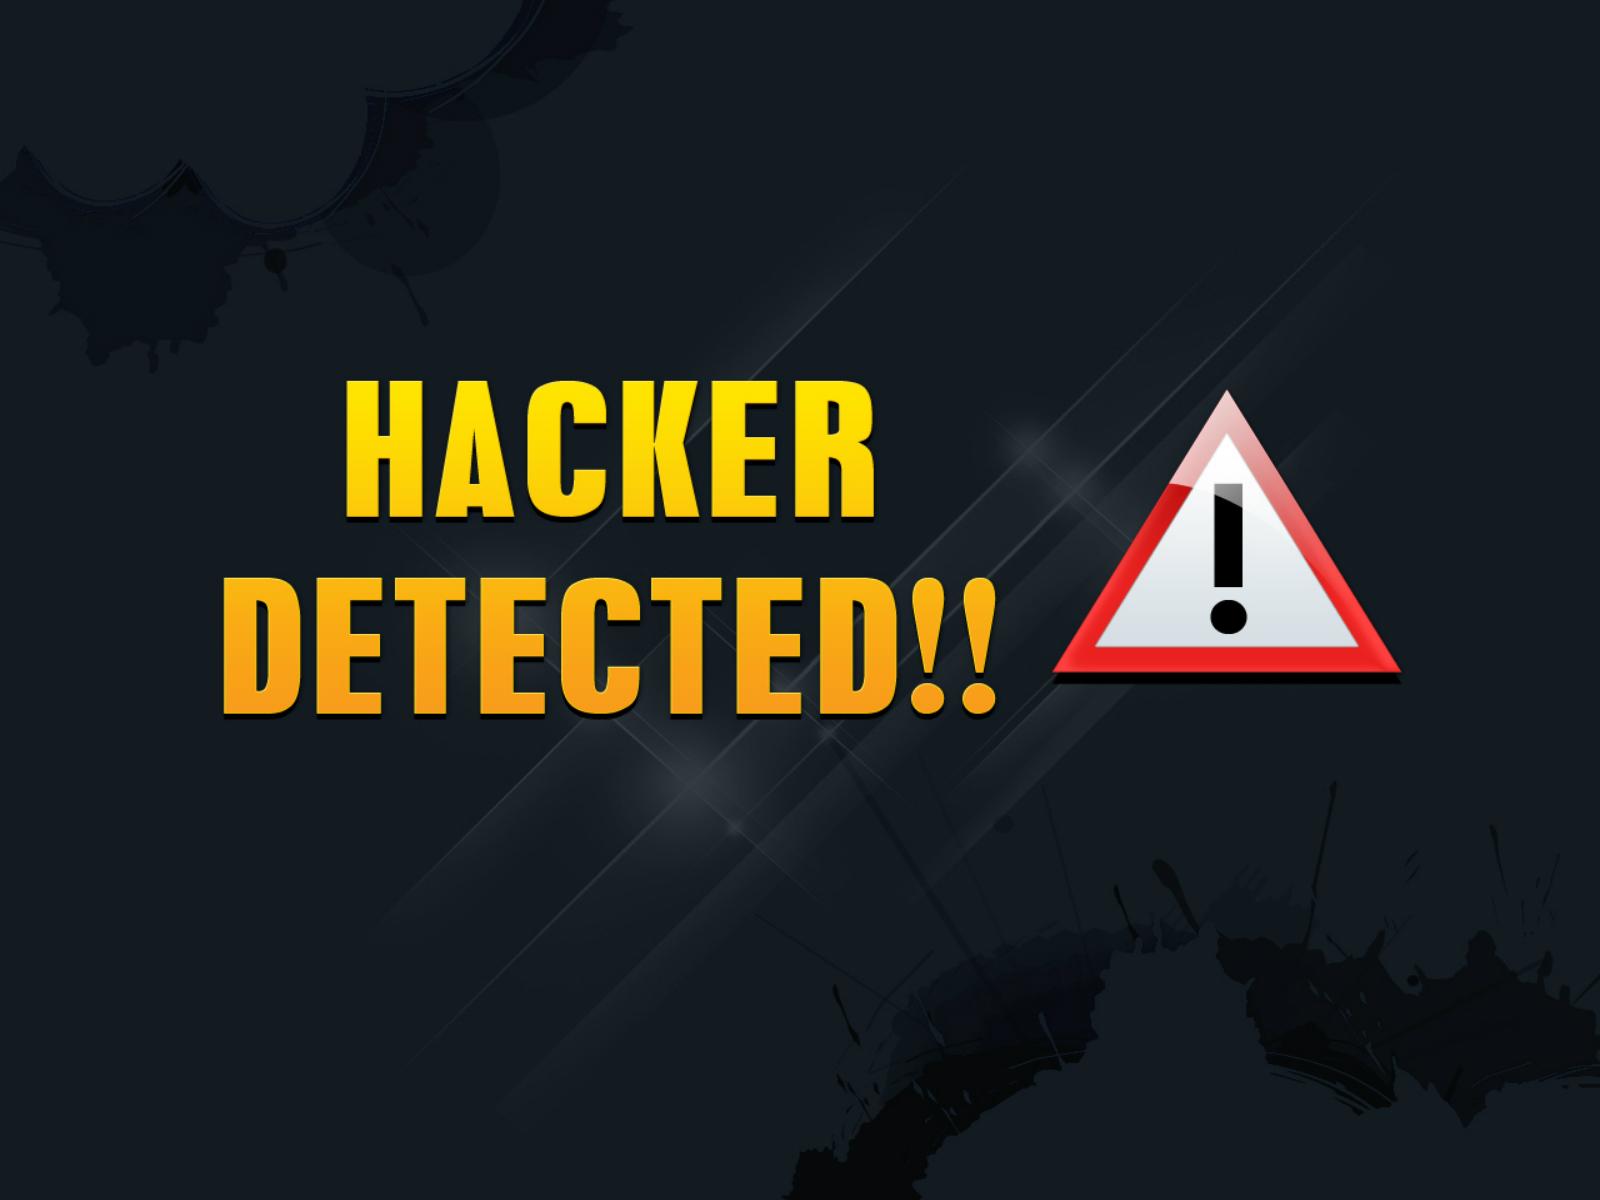 Hacker Indexes HD Wallpapers | Desktop Wallpapers